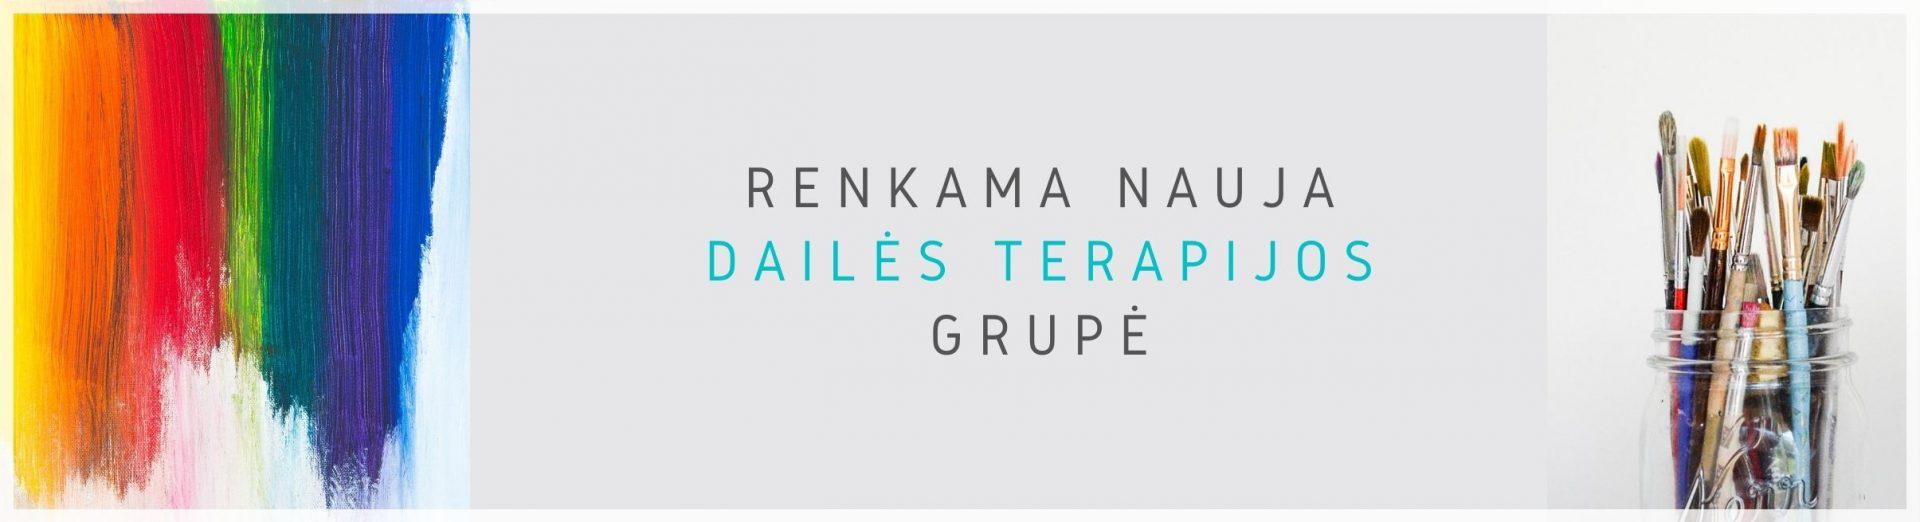 dailes-terapija